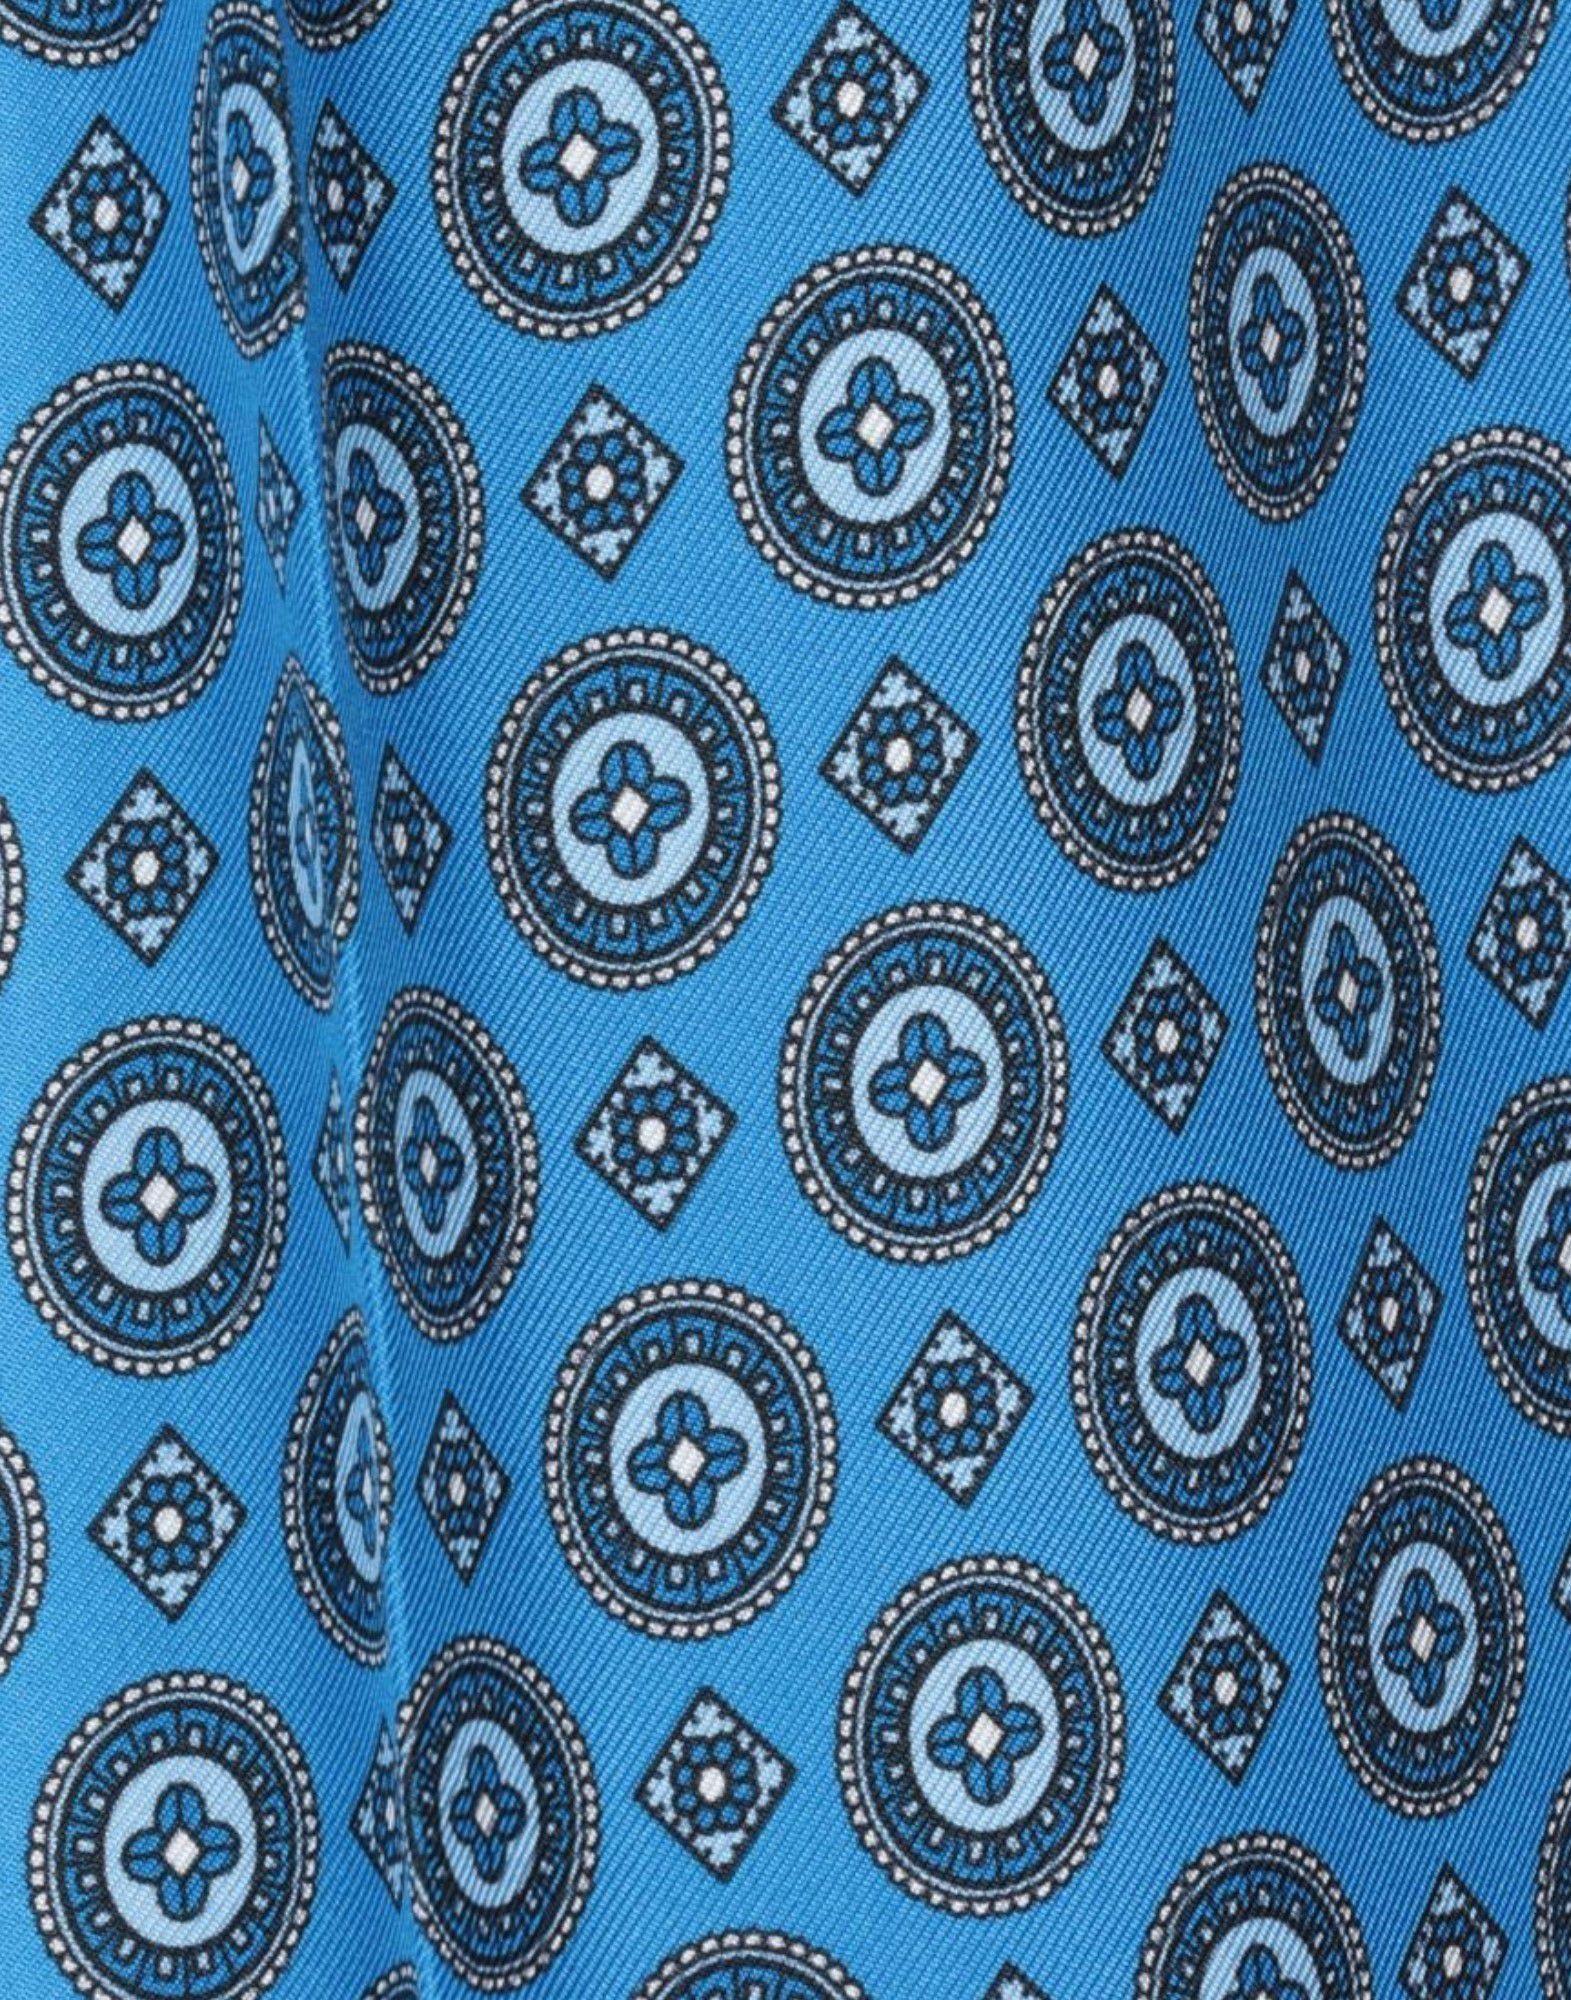 Bermuda Satin Michael Kors en coloris Bleu